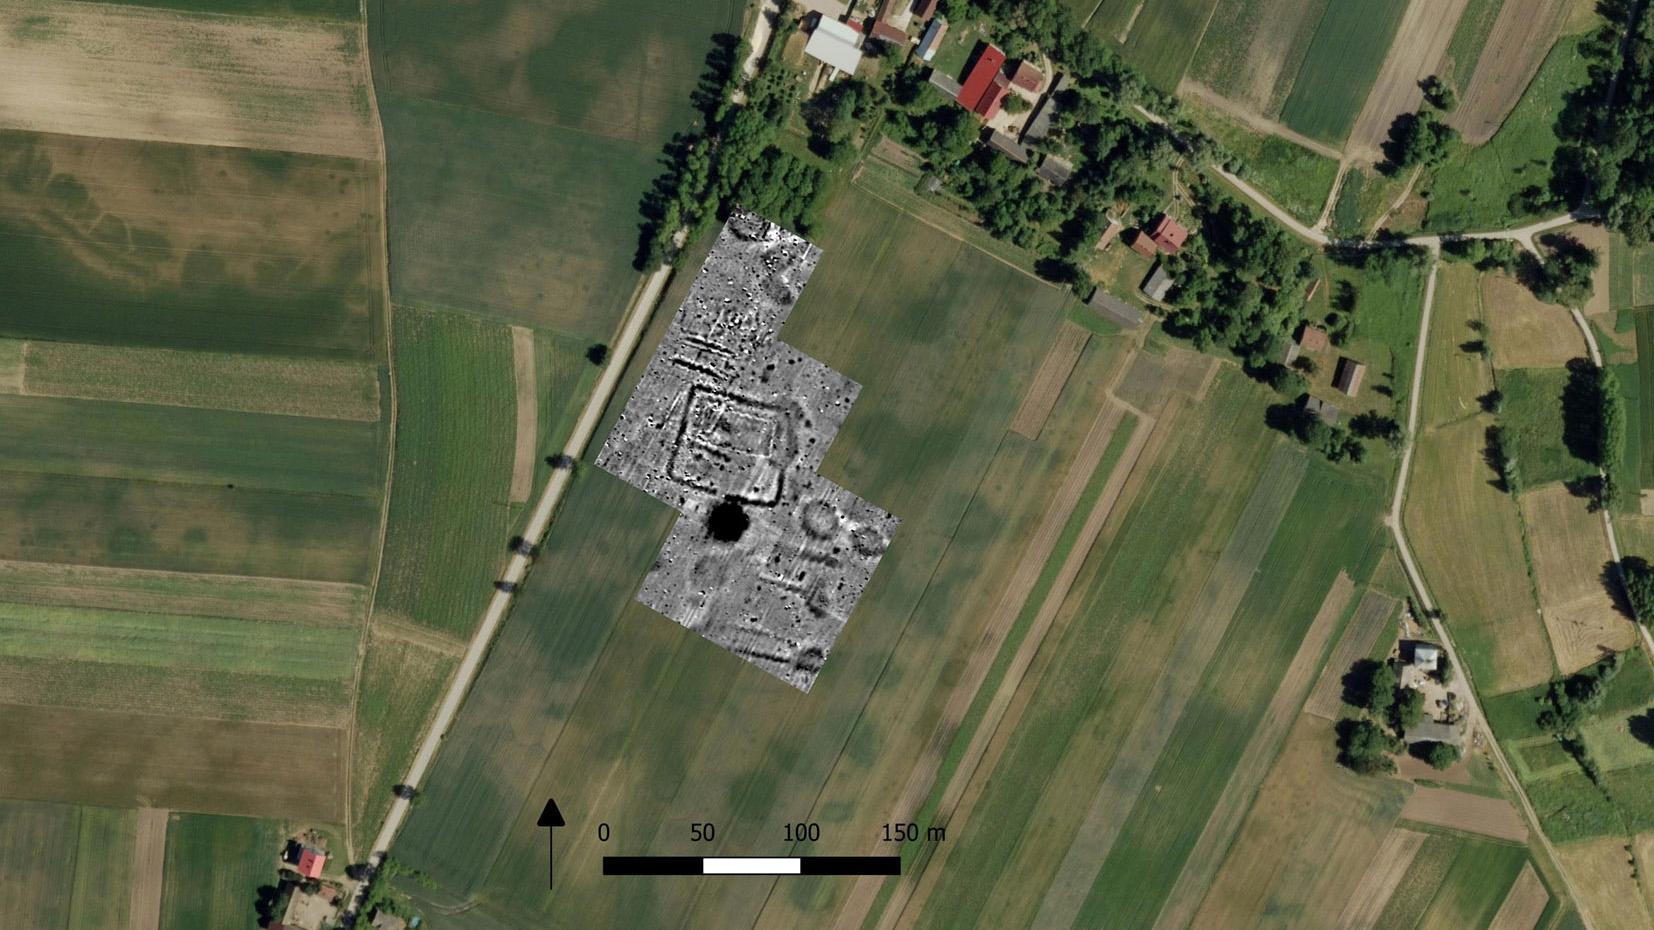 Une structure souterraine à quatre côtés qui s'est avérée être une forteresse du début du Moyen Âge a provoqué des marques de récolte sur le terrain sur les photographies satellites.  Les tumulus et les tombes du cimetière néolithique ont été retrouvés au nord et au sud de la forteresse lors des fouilles du site.